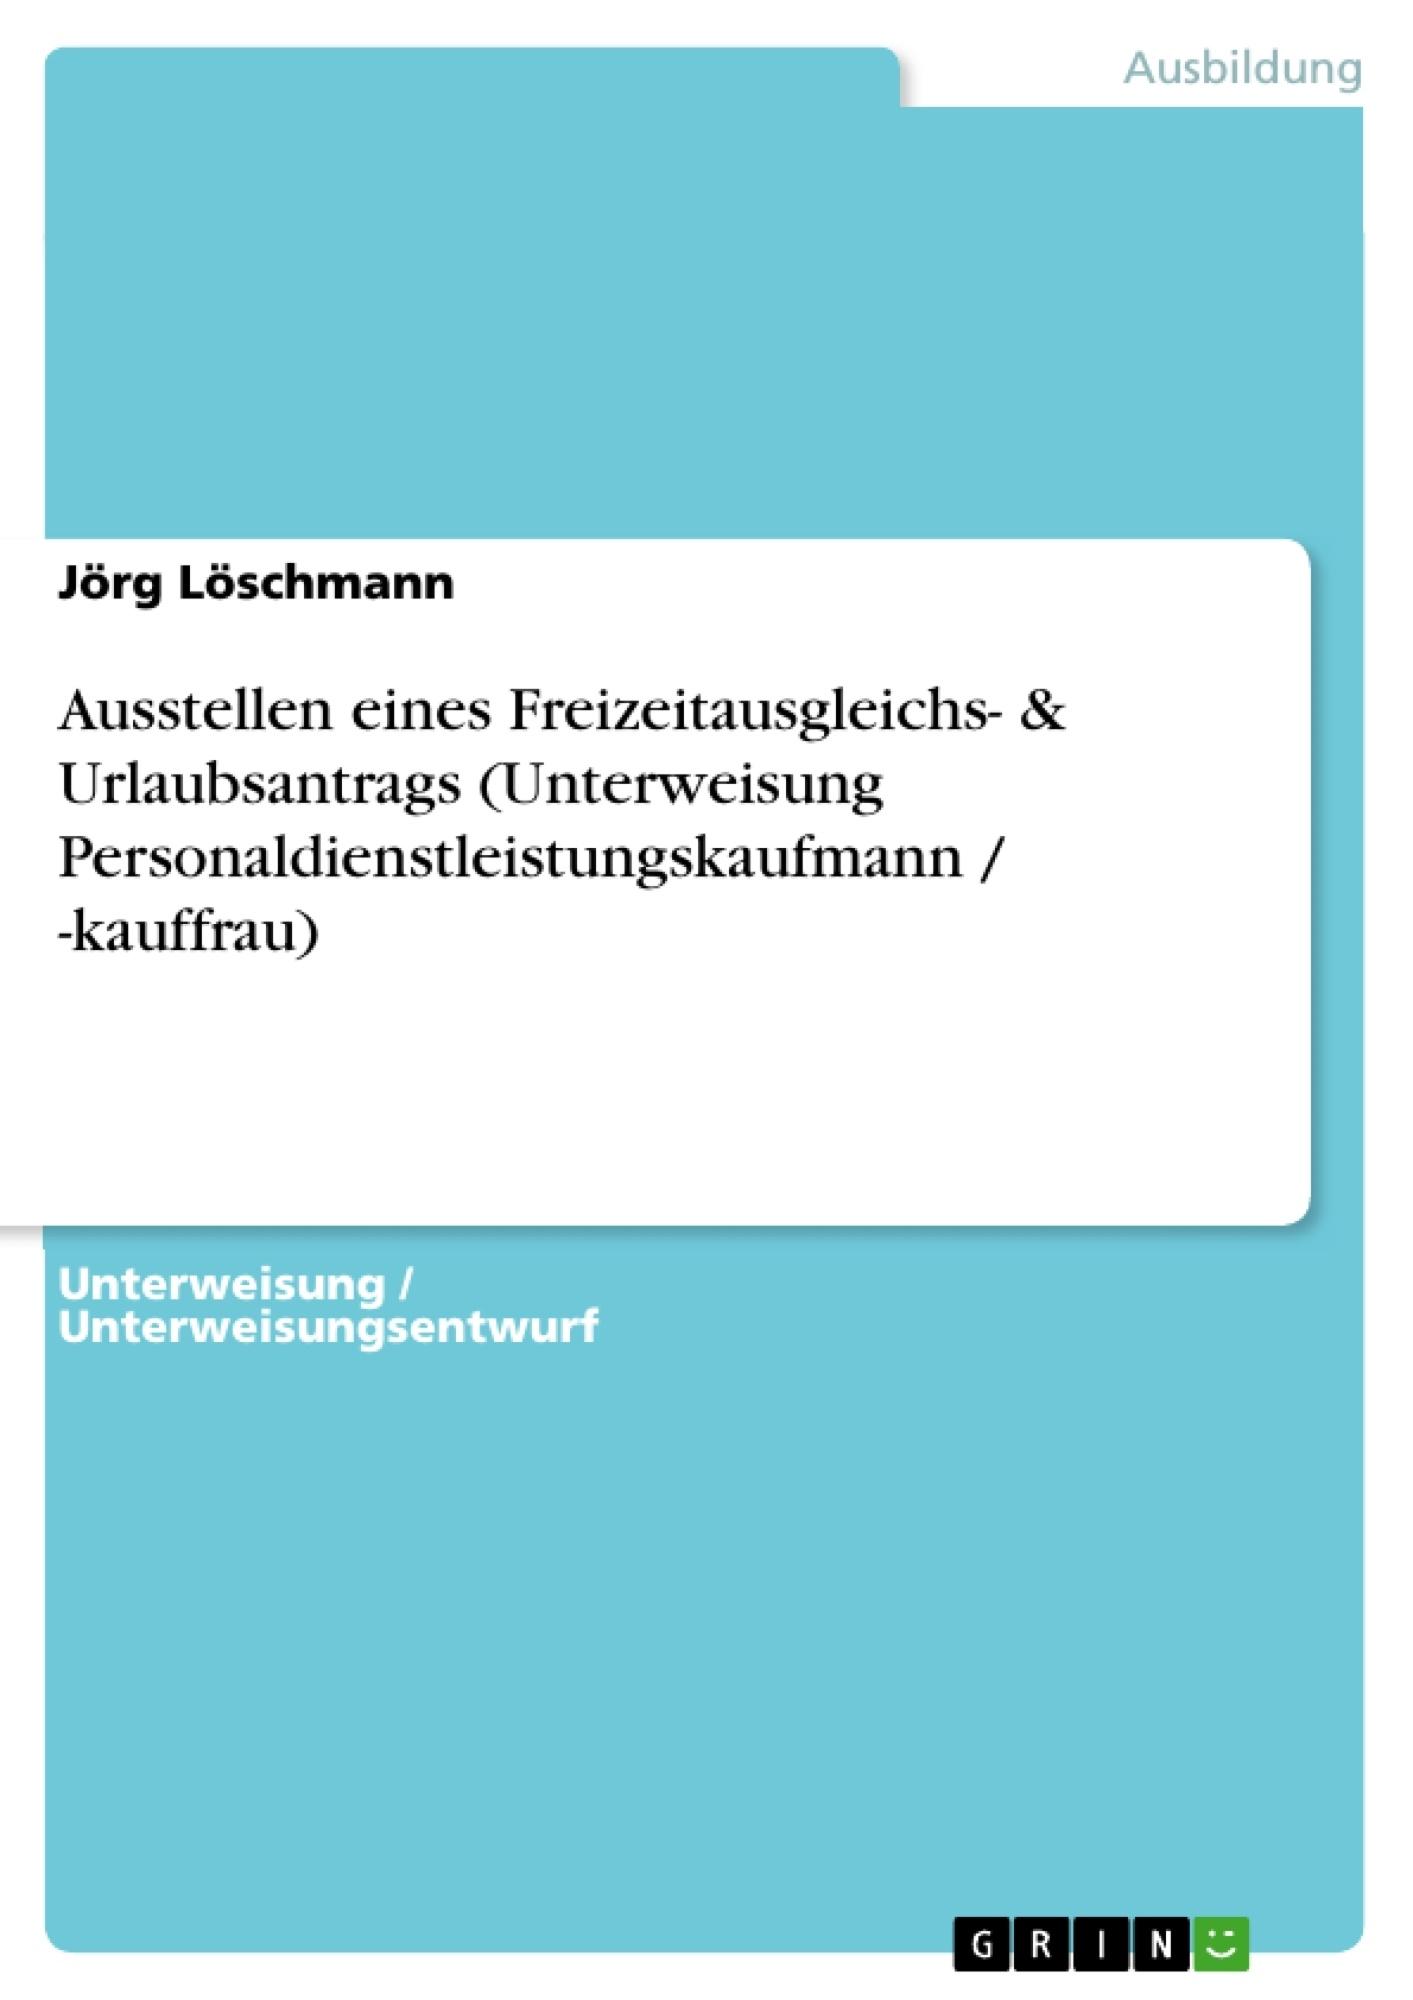 Titel: Ausstellen eines Freizeitausgleichs- & Urlaubsantrags (Unterweisung Personaldienstleistungskaufmann / -kauffrau)